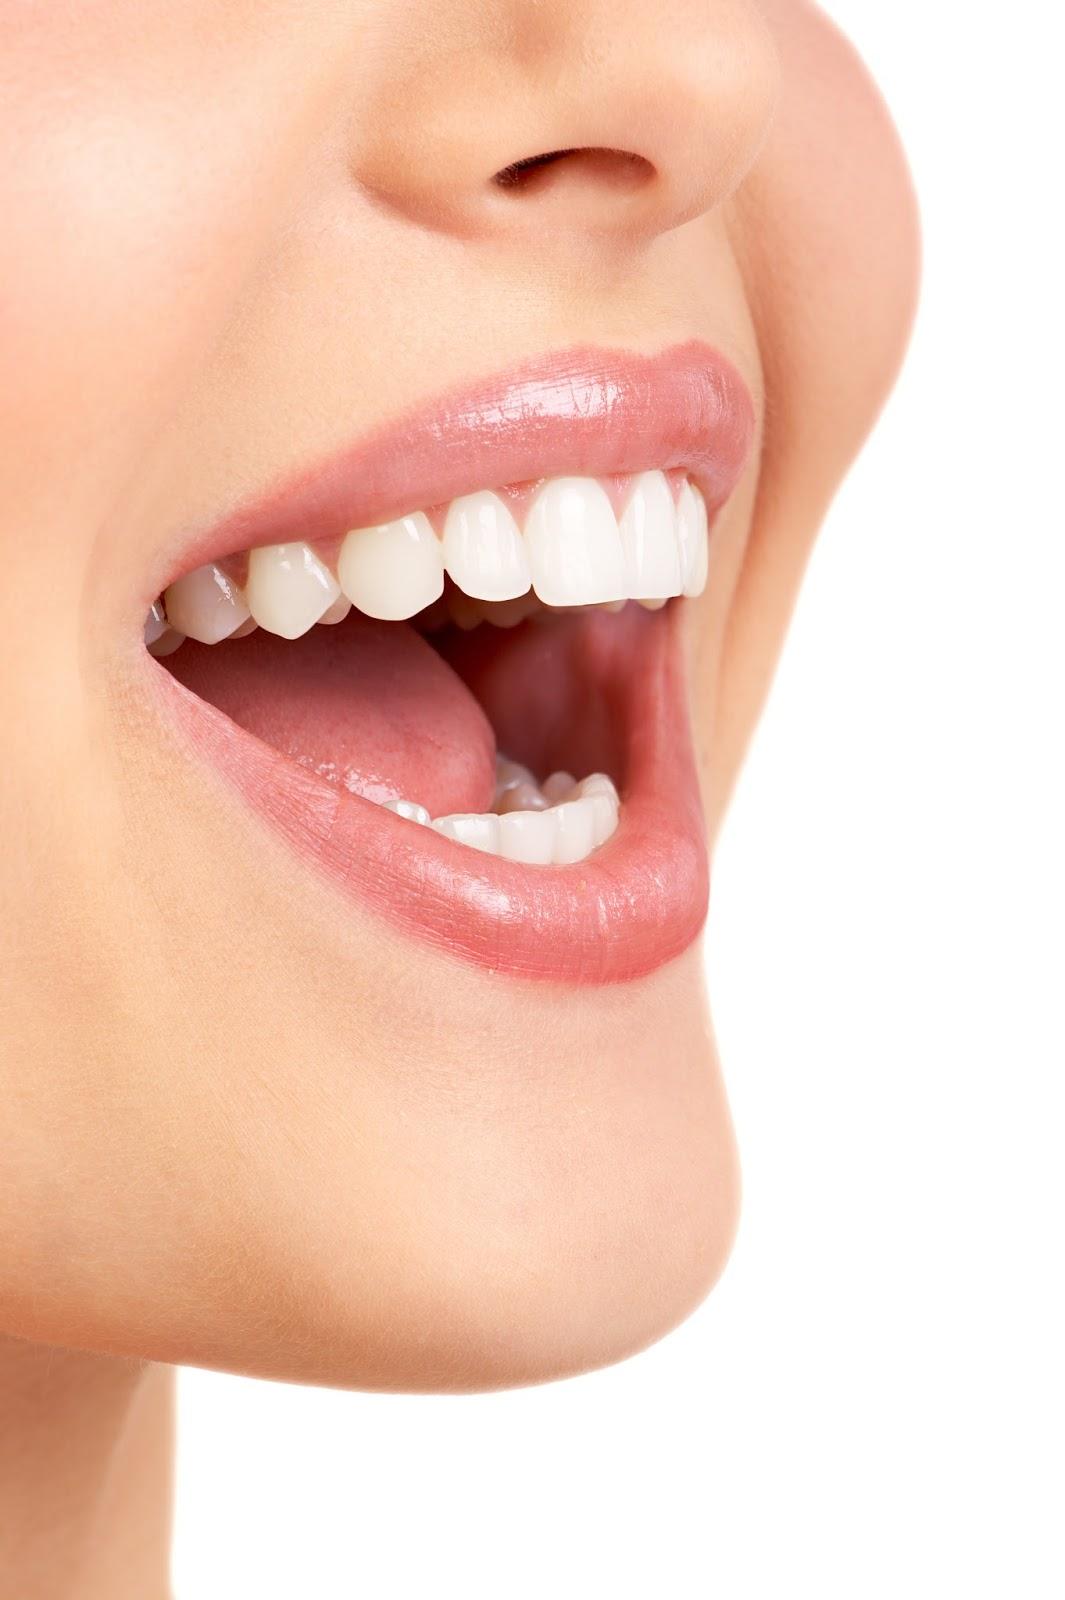 b9ed82ba5 Consulte o seu dentista caso as suas gengivas doam ou sangrem quando você  escova os dentes ou usa fio dental